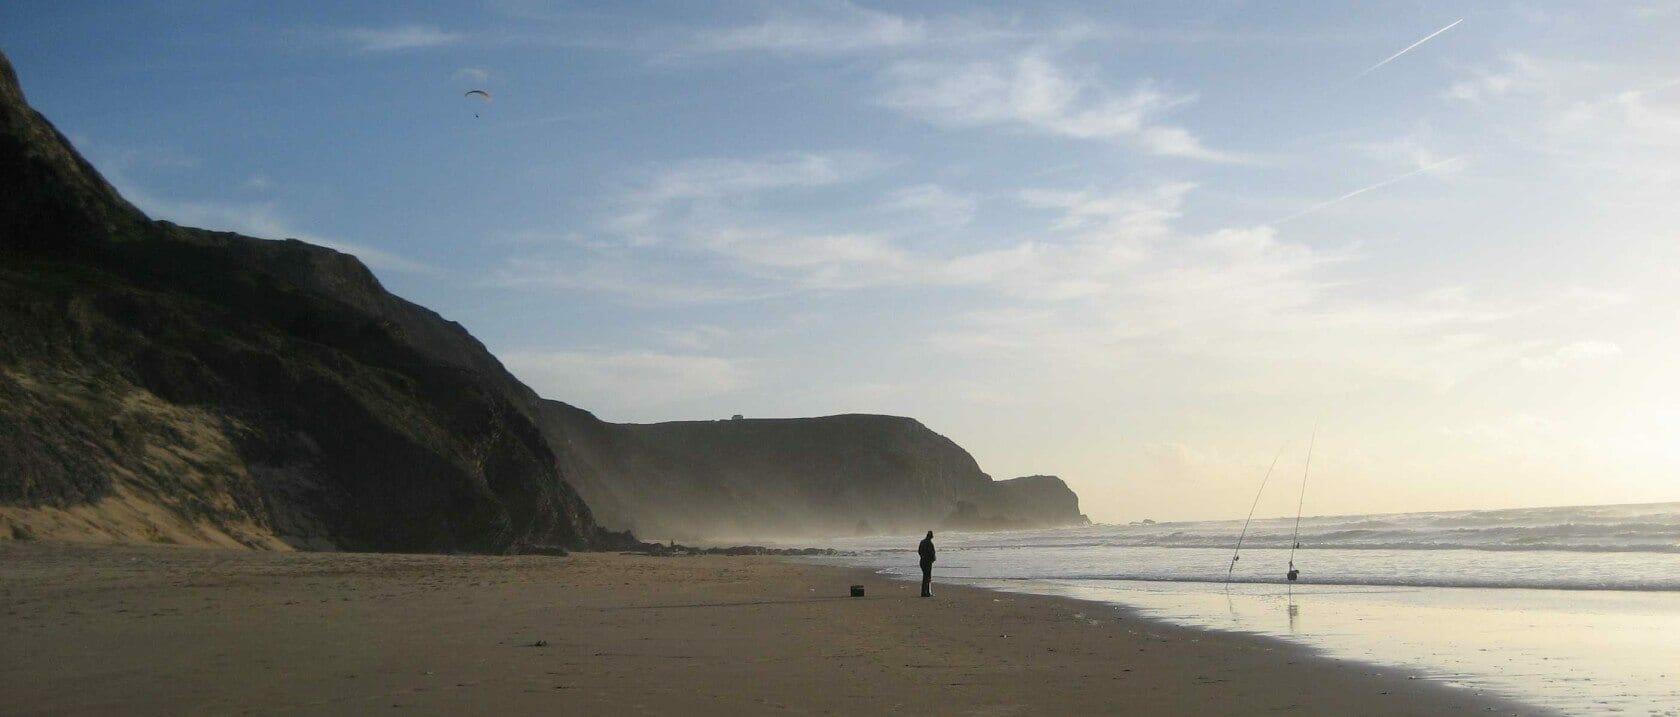 Einsamer Angler an einem der schönsten Algarve Strände: Praia da Cordoama